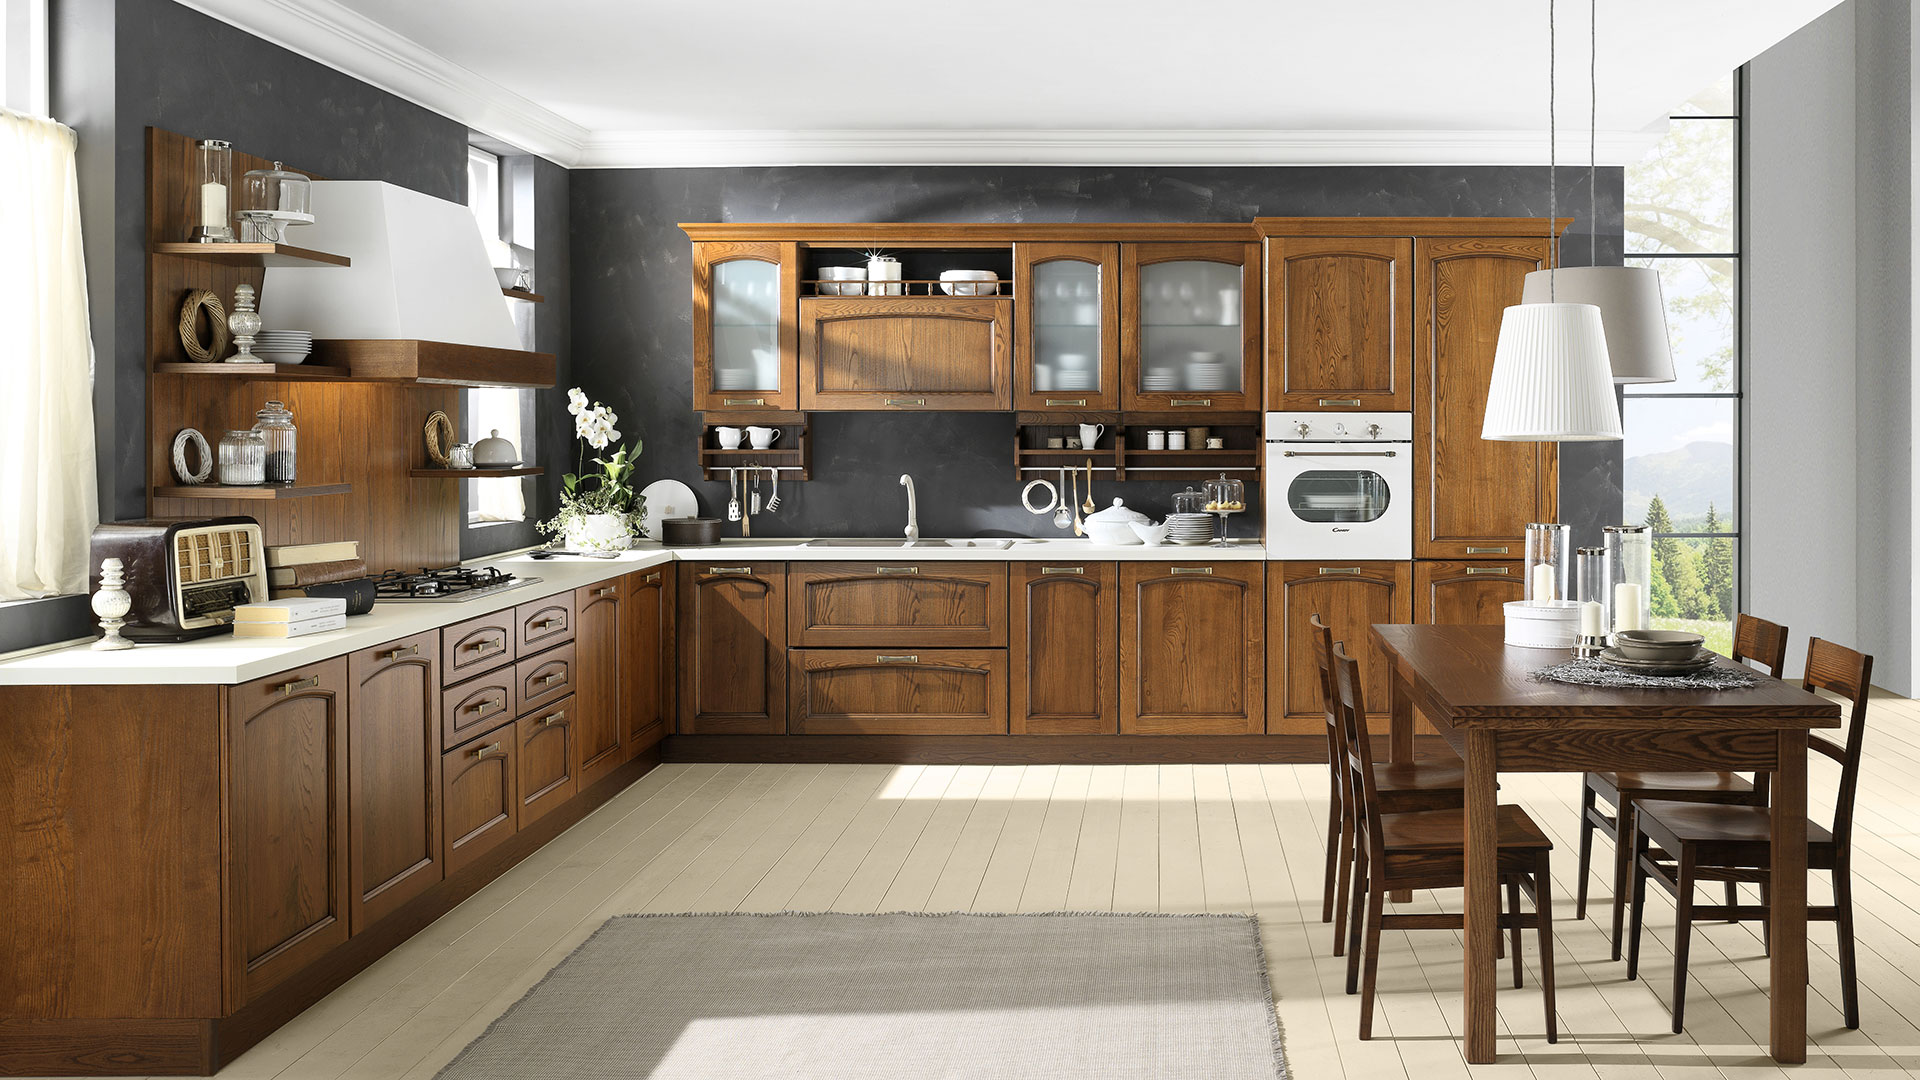 Cucine classiche evo cucine - Arredo cucina classica ...